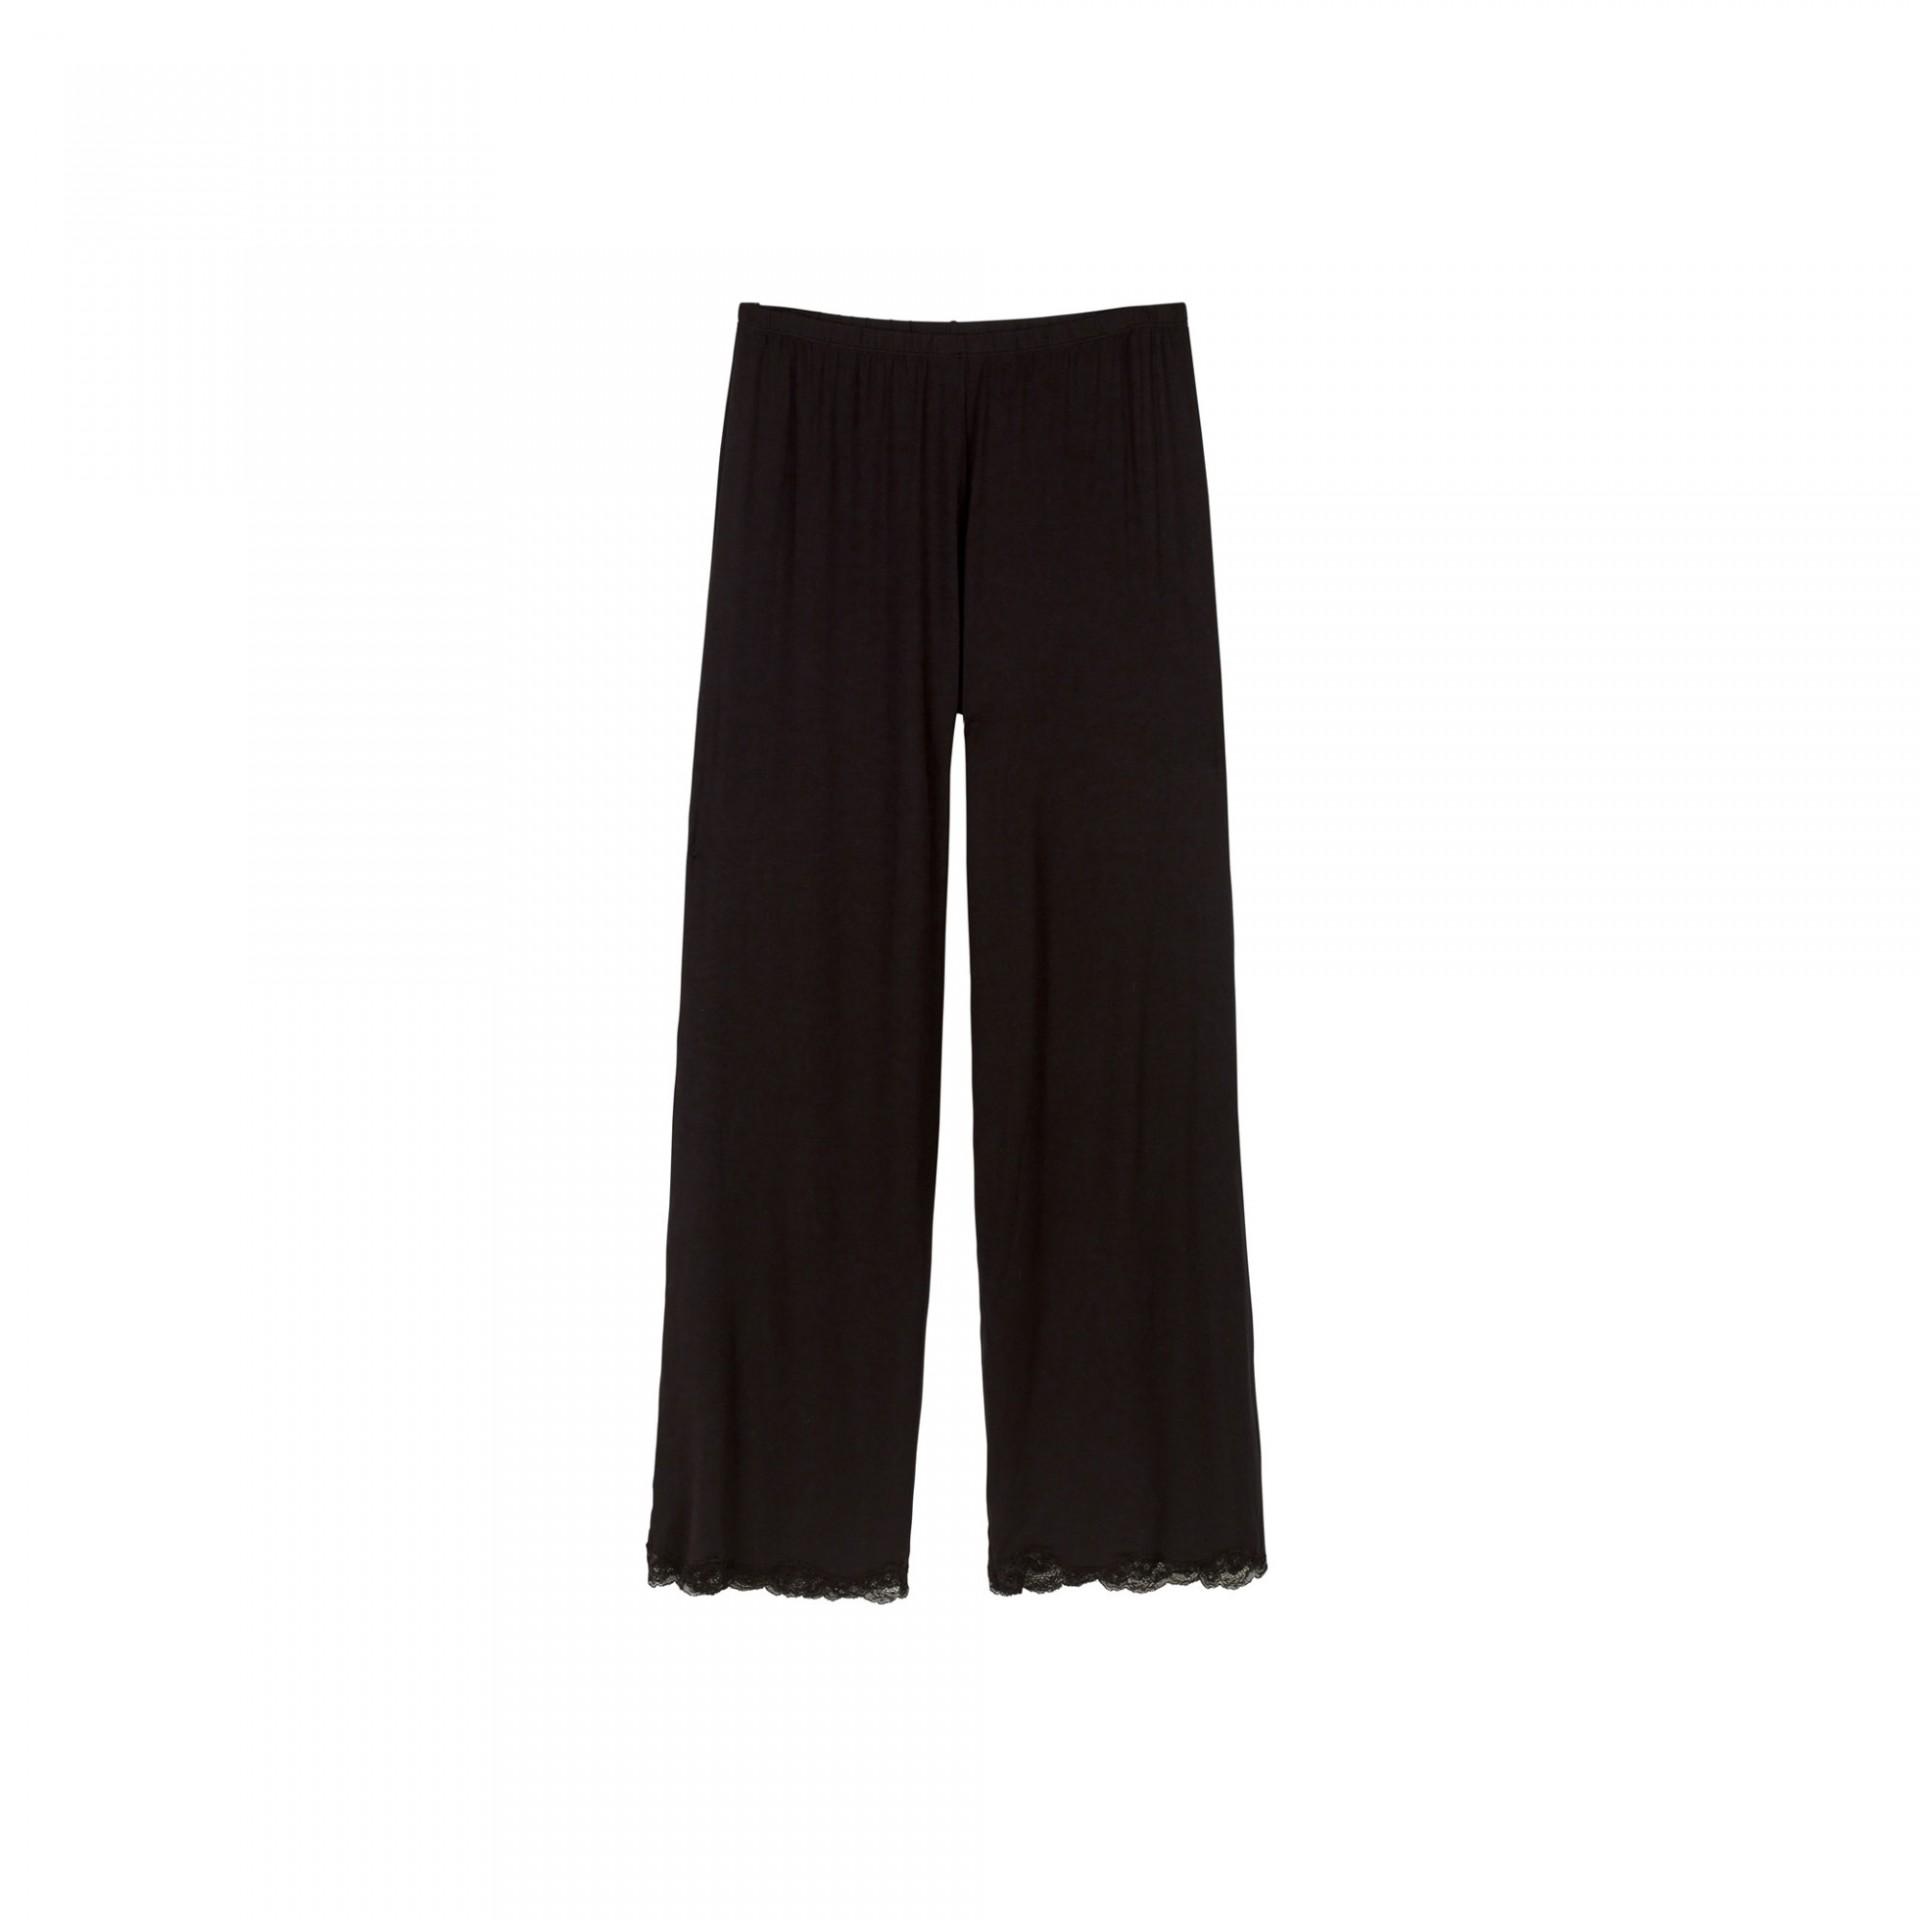 Jersey trousers, £40, Hush. www.hush-uk.com